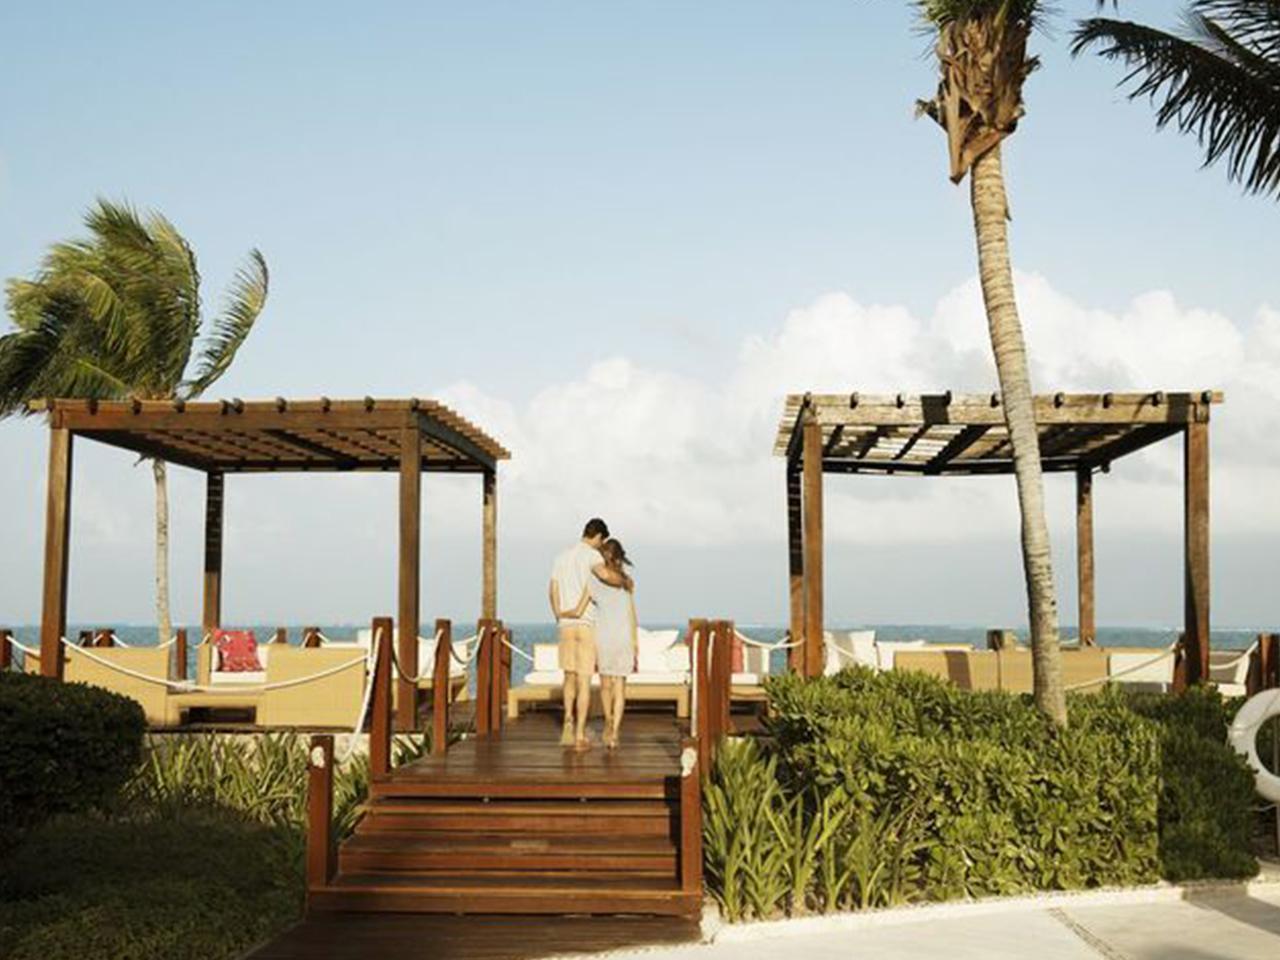 wedding Planner en Monterrey, Boda en la playa, Las mejores bodas en la playa en México -wedding Planner en Monterrey, Boda en la playa, Las mejores bodas en la playa en México -Excellence of love